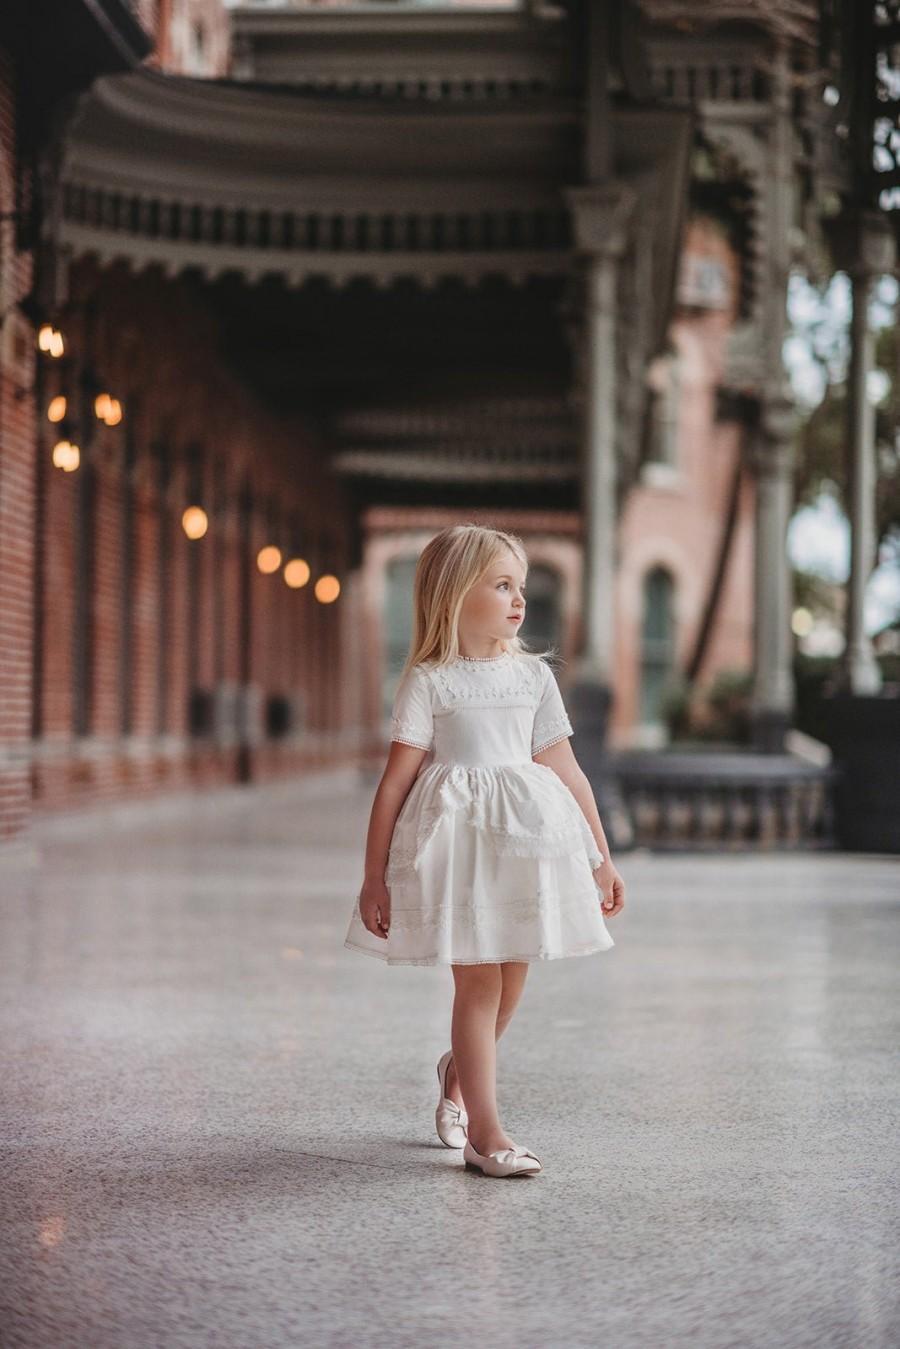 زفاف - White flower girl dress,european girls dress,Easter dress,first communion dress,beach wedding dress,flower girl dresses,short sleeve dress